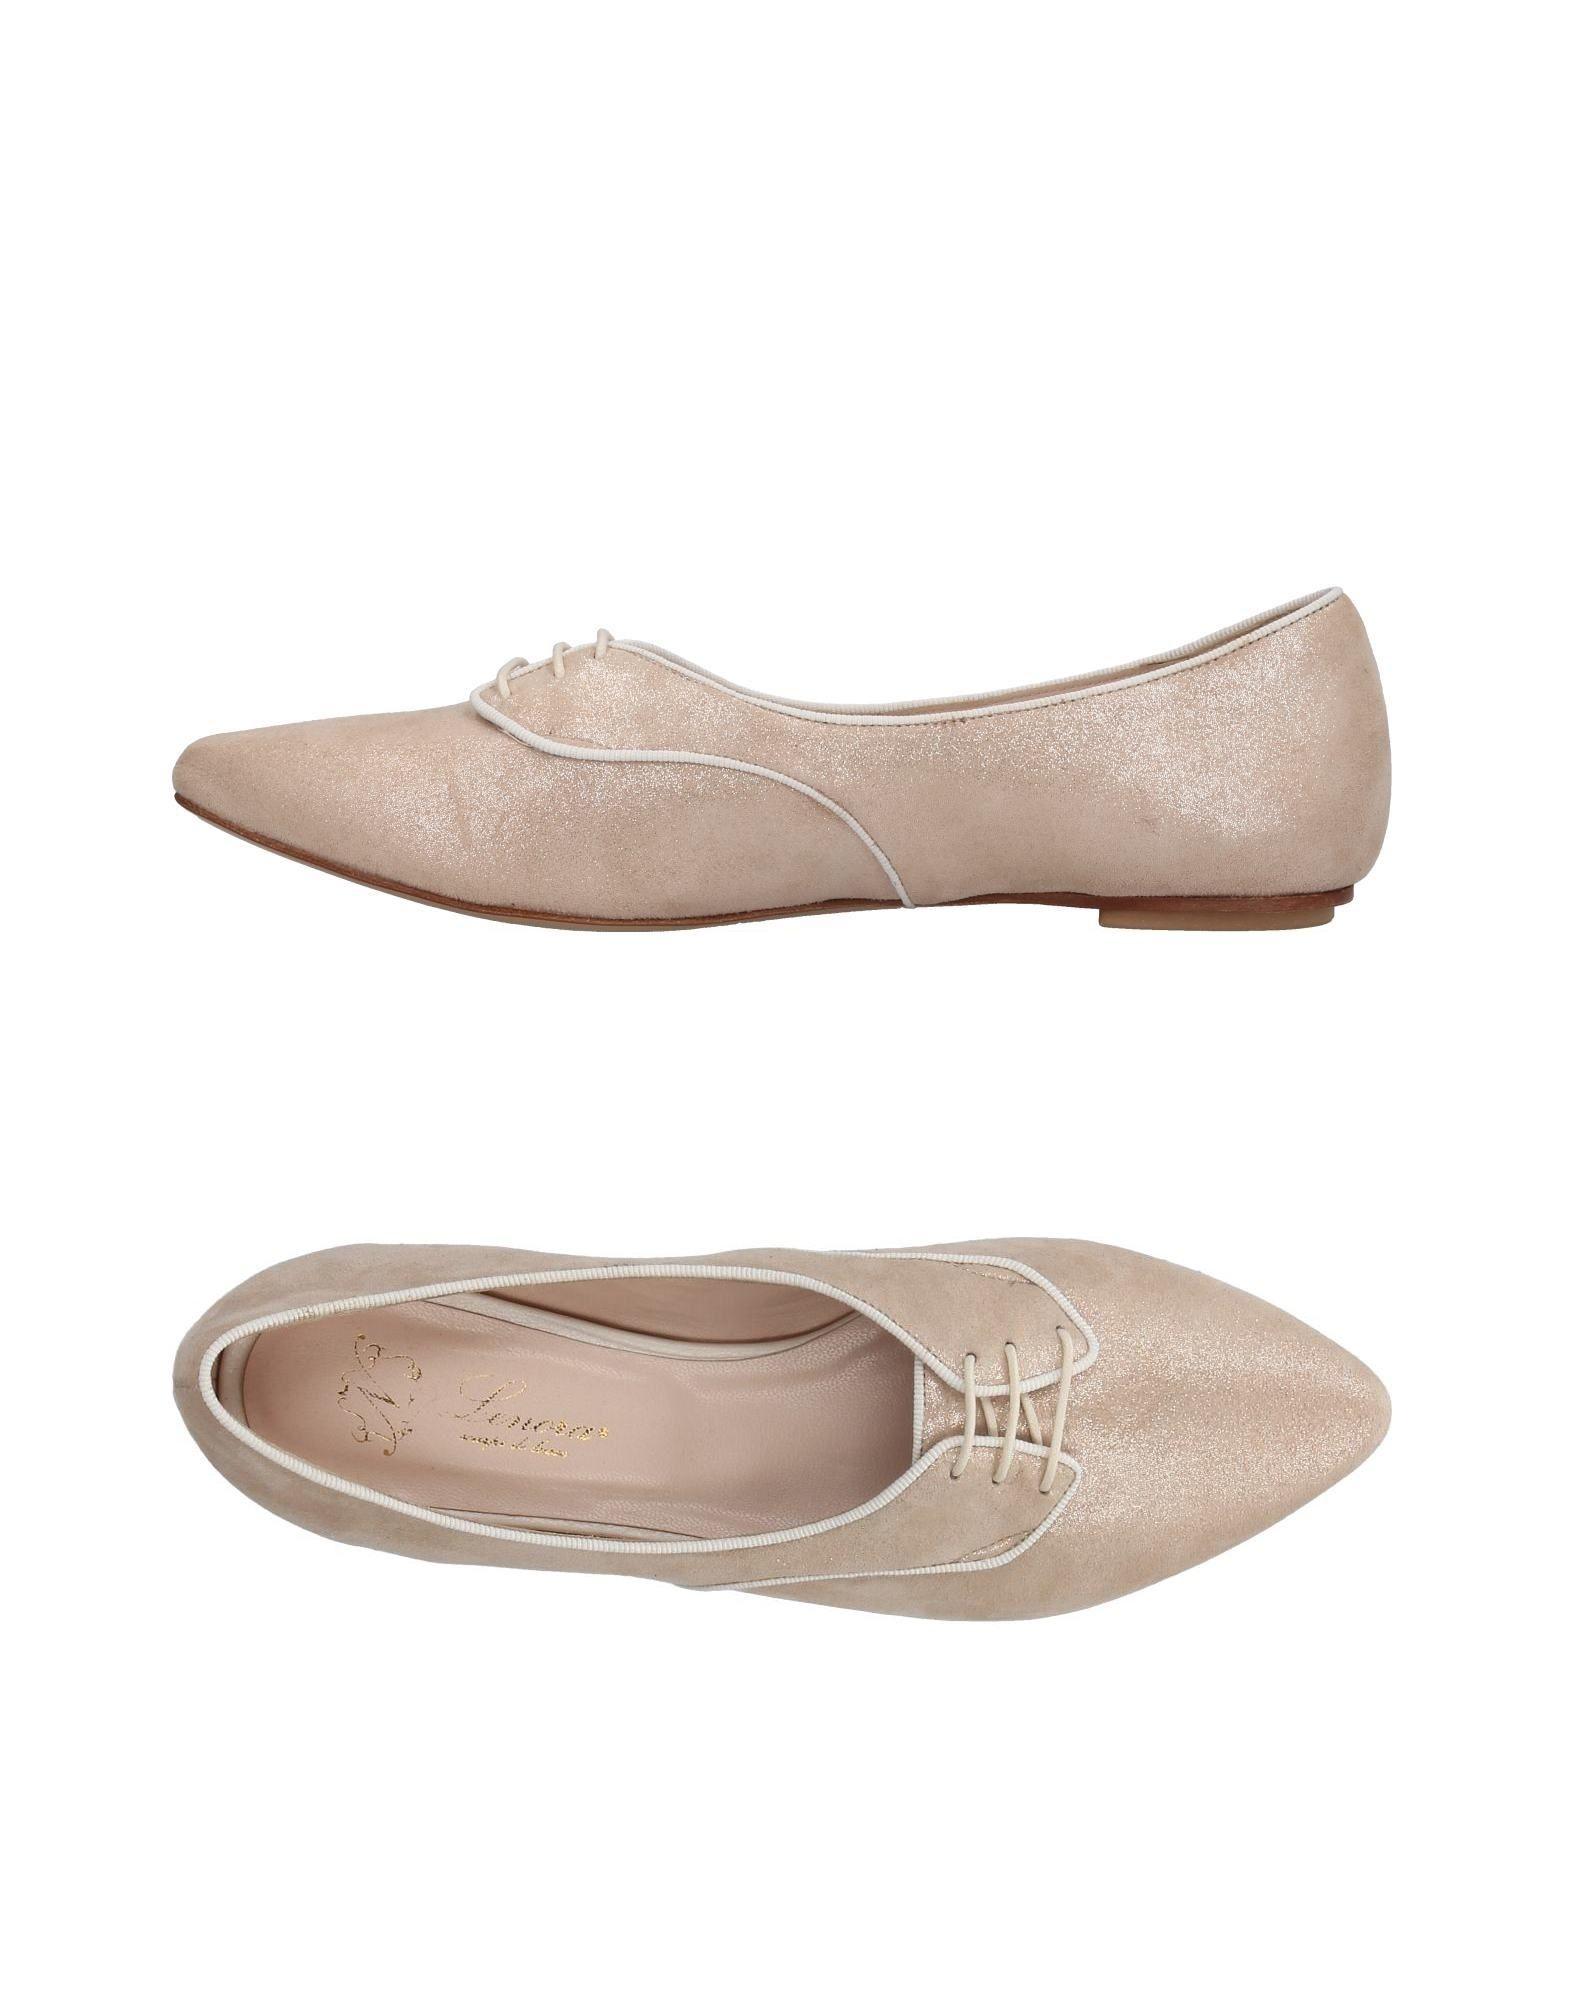 Lenora Schnürschuhe Damen  11417055KP Gute Qualität beliebte Schuhe